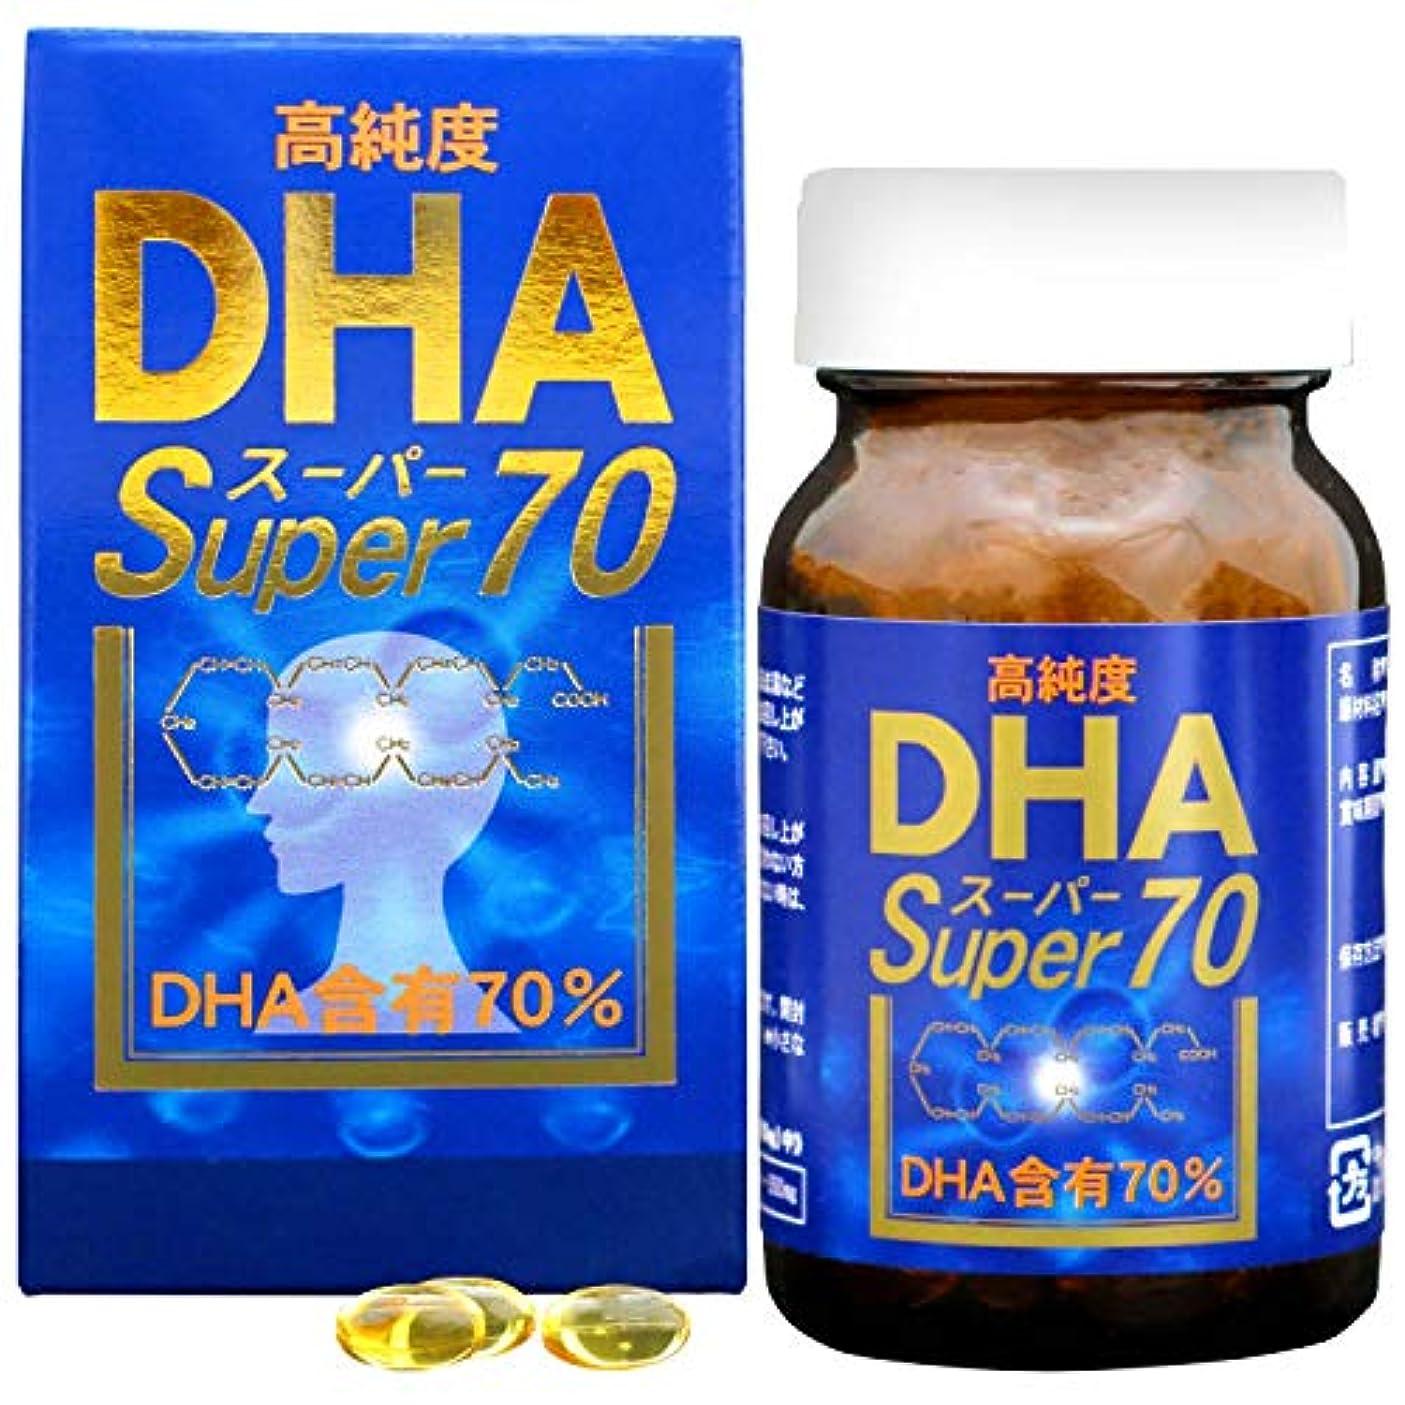 ボーカル再現する郵便番号ユウキ製薬 DHAスーパー70 30日分 60球